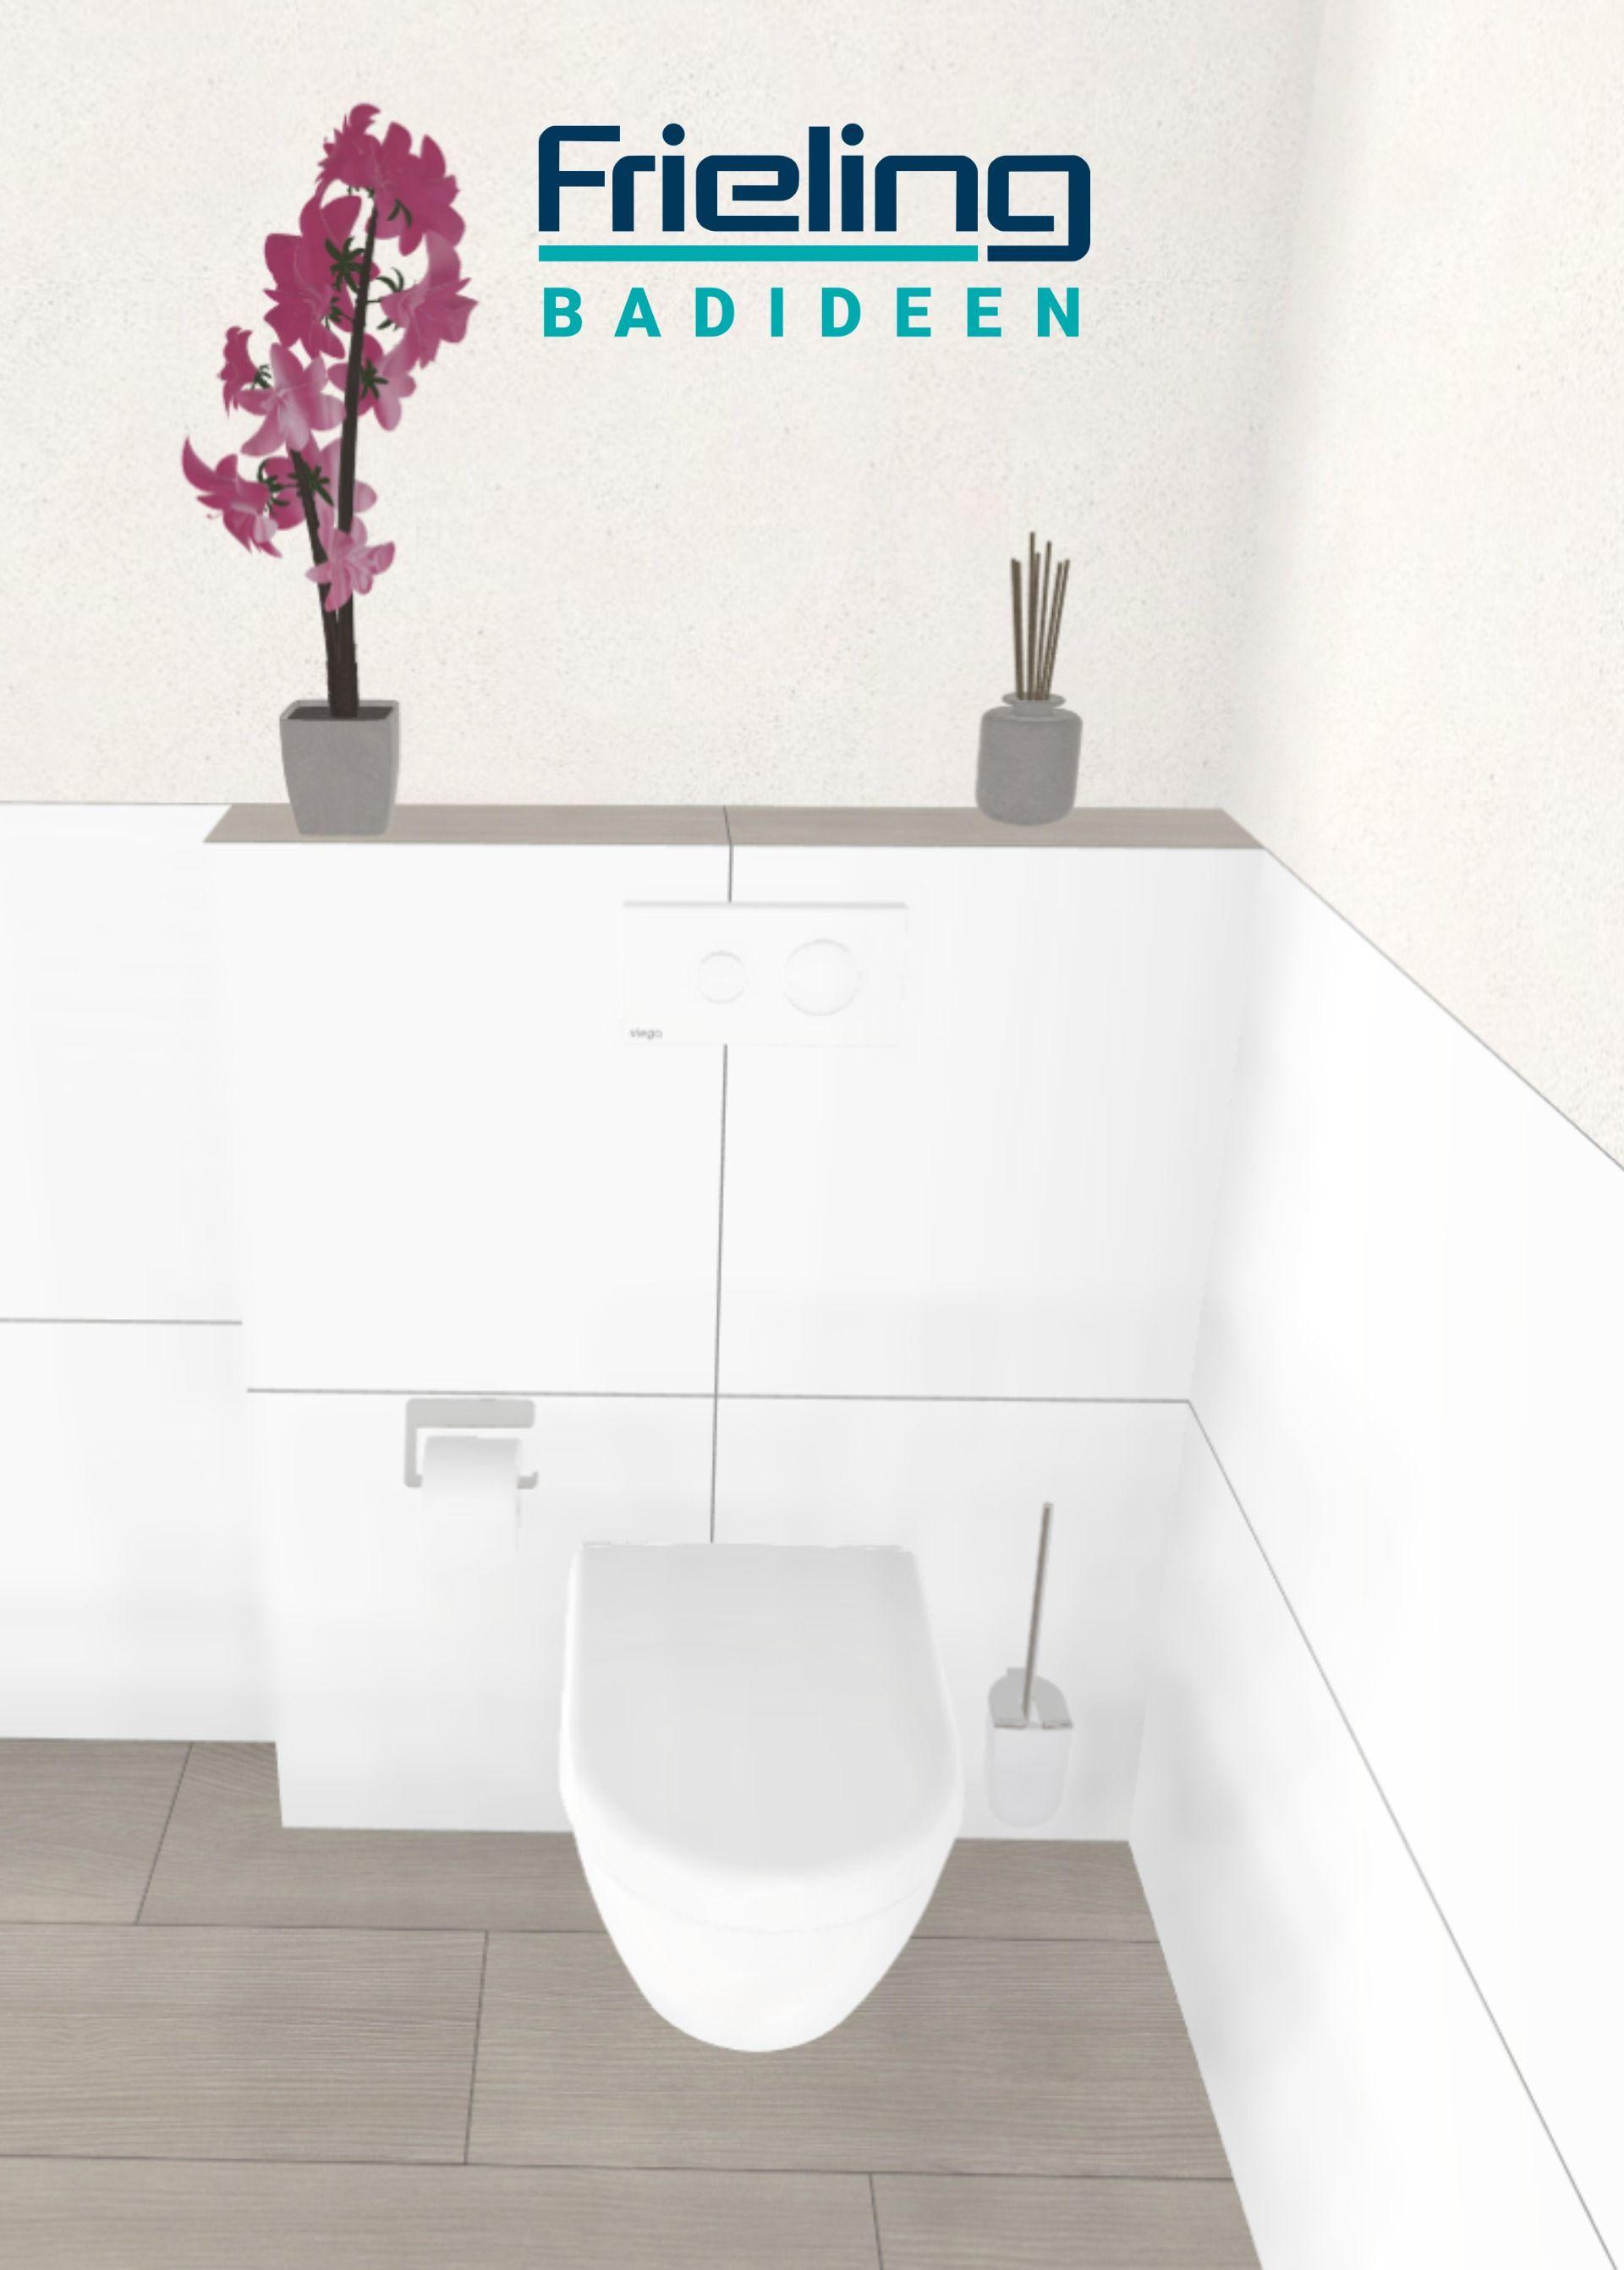 Das Verwinkelte Bad Ansicht Wc 13 Qm Ansicht Abgemauertes Wand Wc Bad Accessoires In 2020 Grosse Badezimmer Bad Bader Ideen